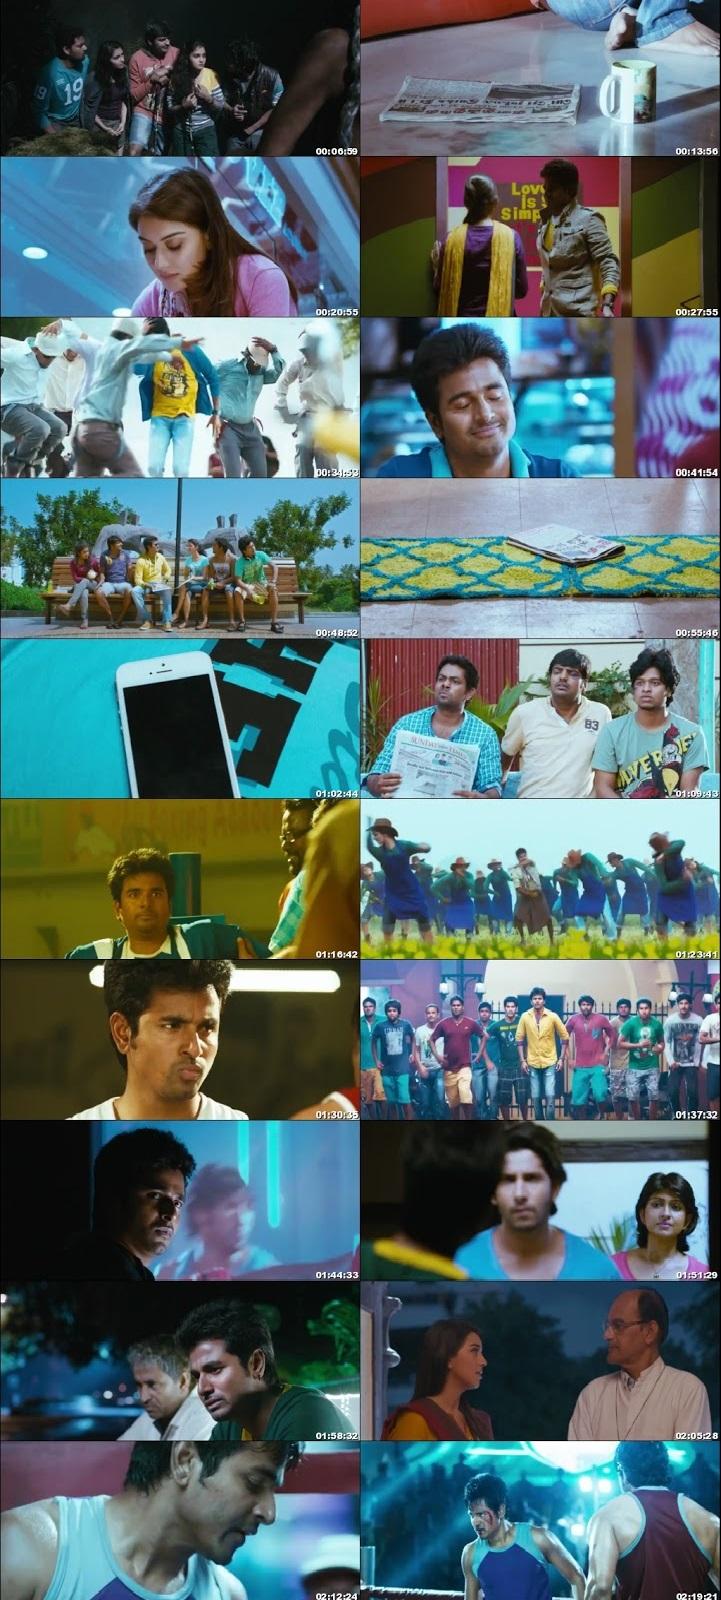 Maan%2BKarate%2B%25282014%2529%2B1.52GB%2B720P%2BHDRip%2BDual%2BAudio%2B%255BHindi-Tamil%255D%2B-%2BUncut Free Download Maan Karate 2014 300MB Full Movie In Hindi HD 720P